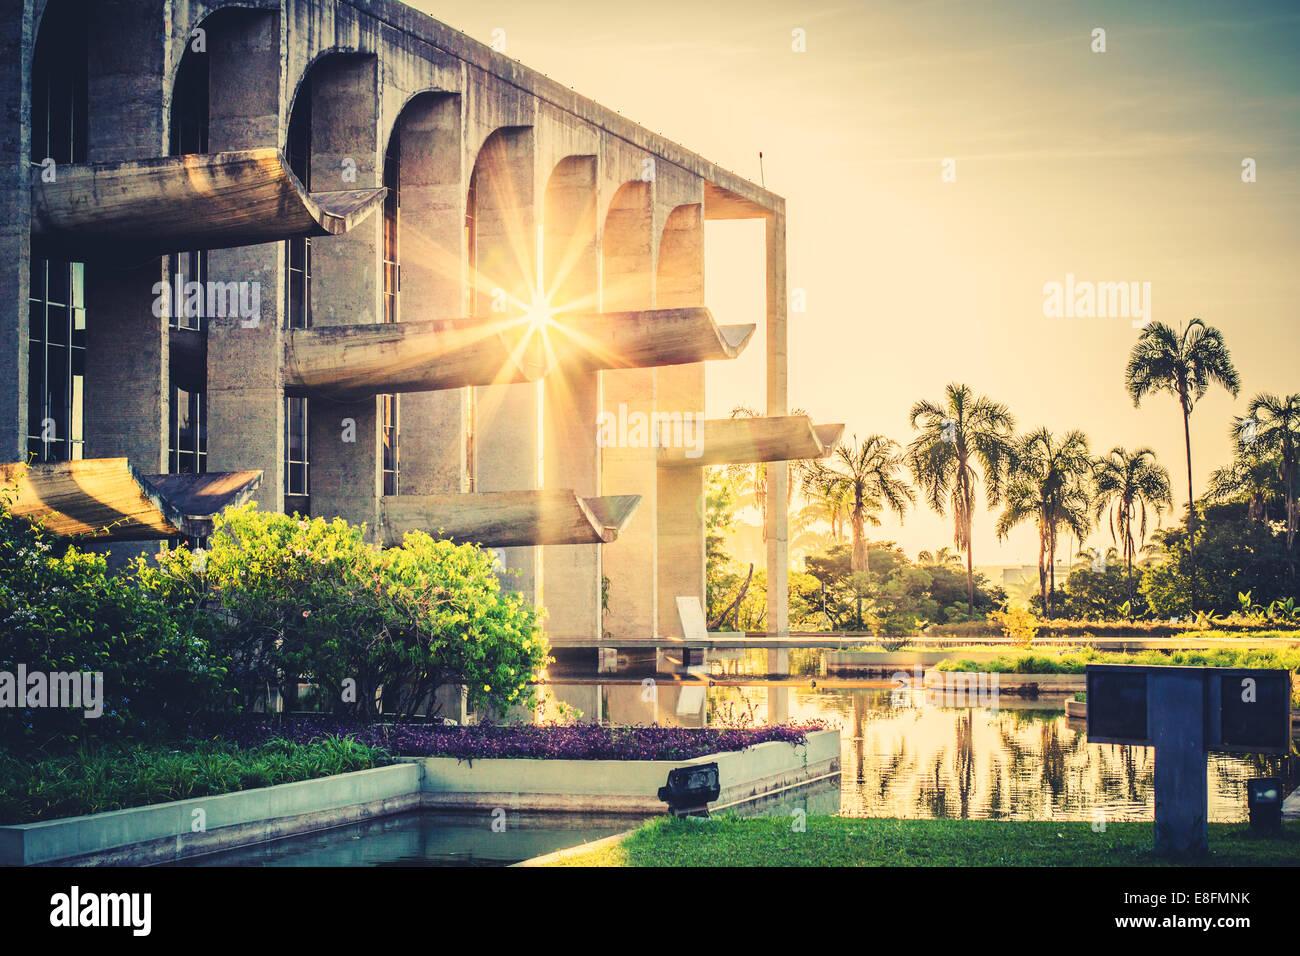 Brazil, Brasilia, View of Palacio da Justicia - Stock Image